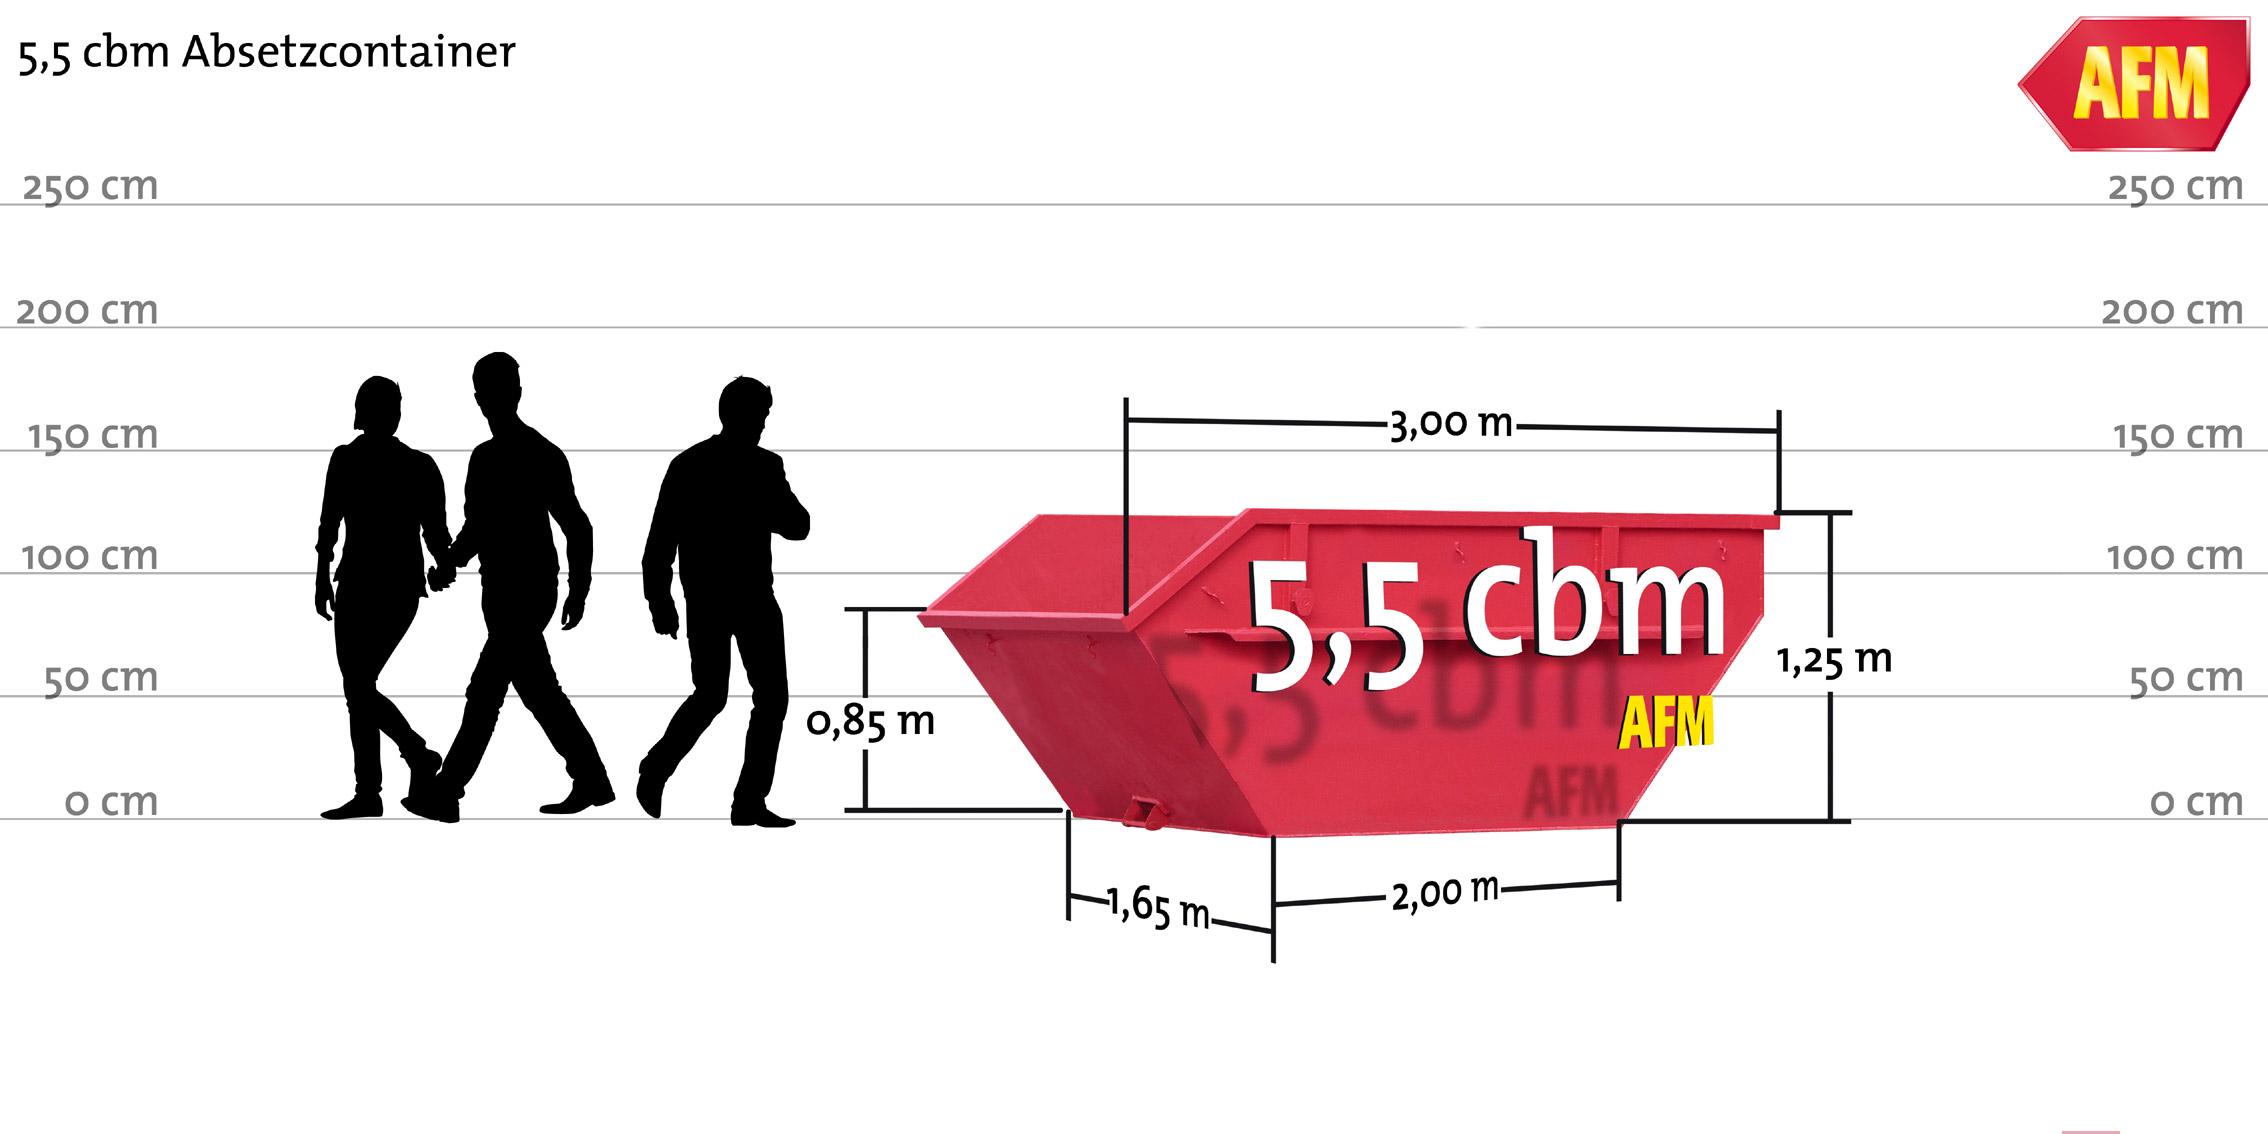 Absetz-Container offen 5cbm